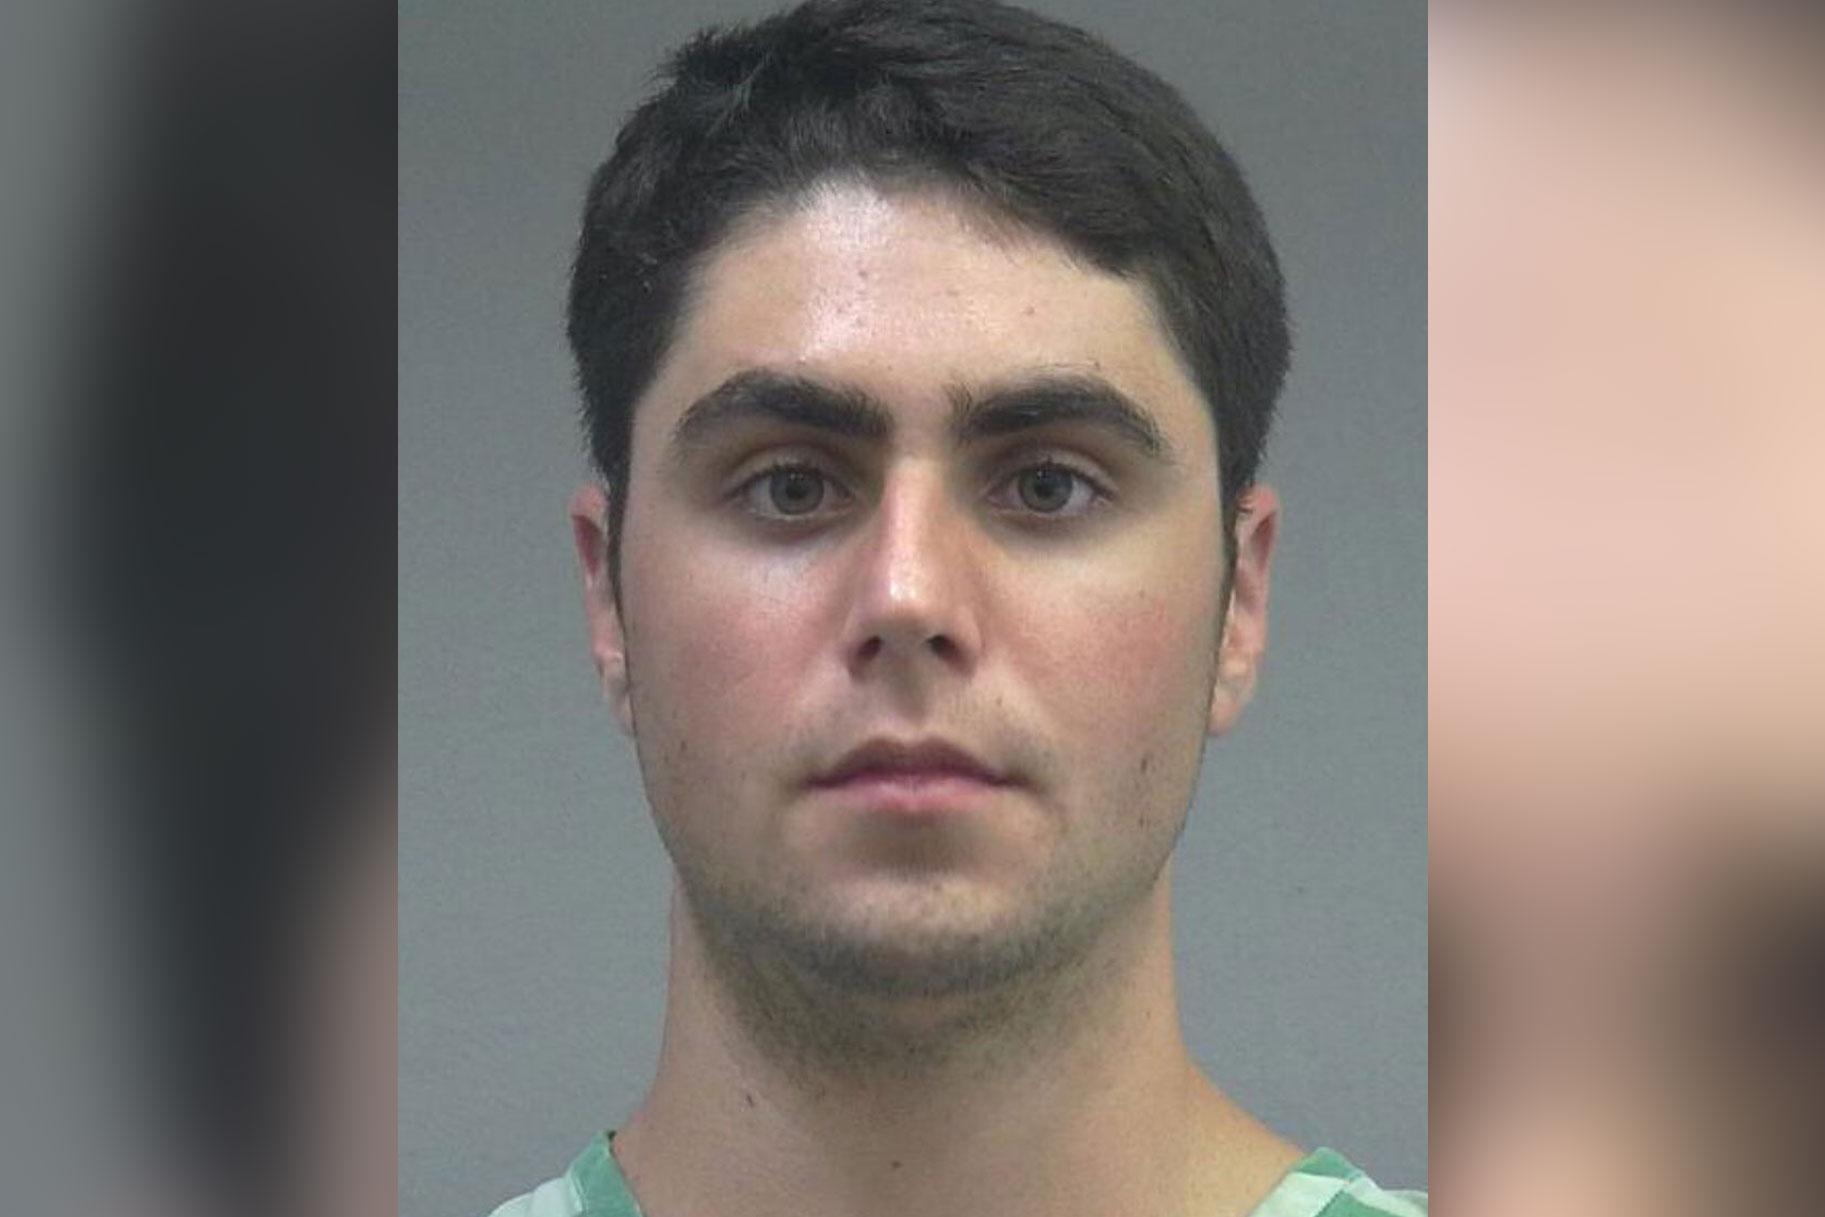 Pärast kohtuniku nõusolekut vabastatakse seksuaalpatareis süüdistatud kolledži üliõpilane vanglast pärast kohtuniku nõusolekut